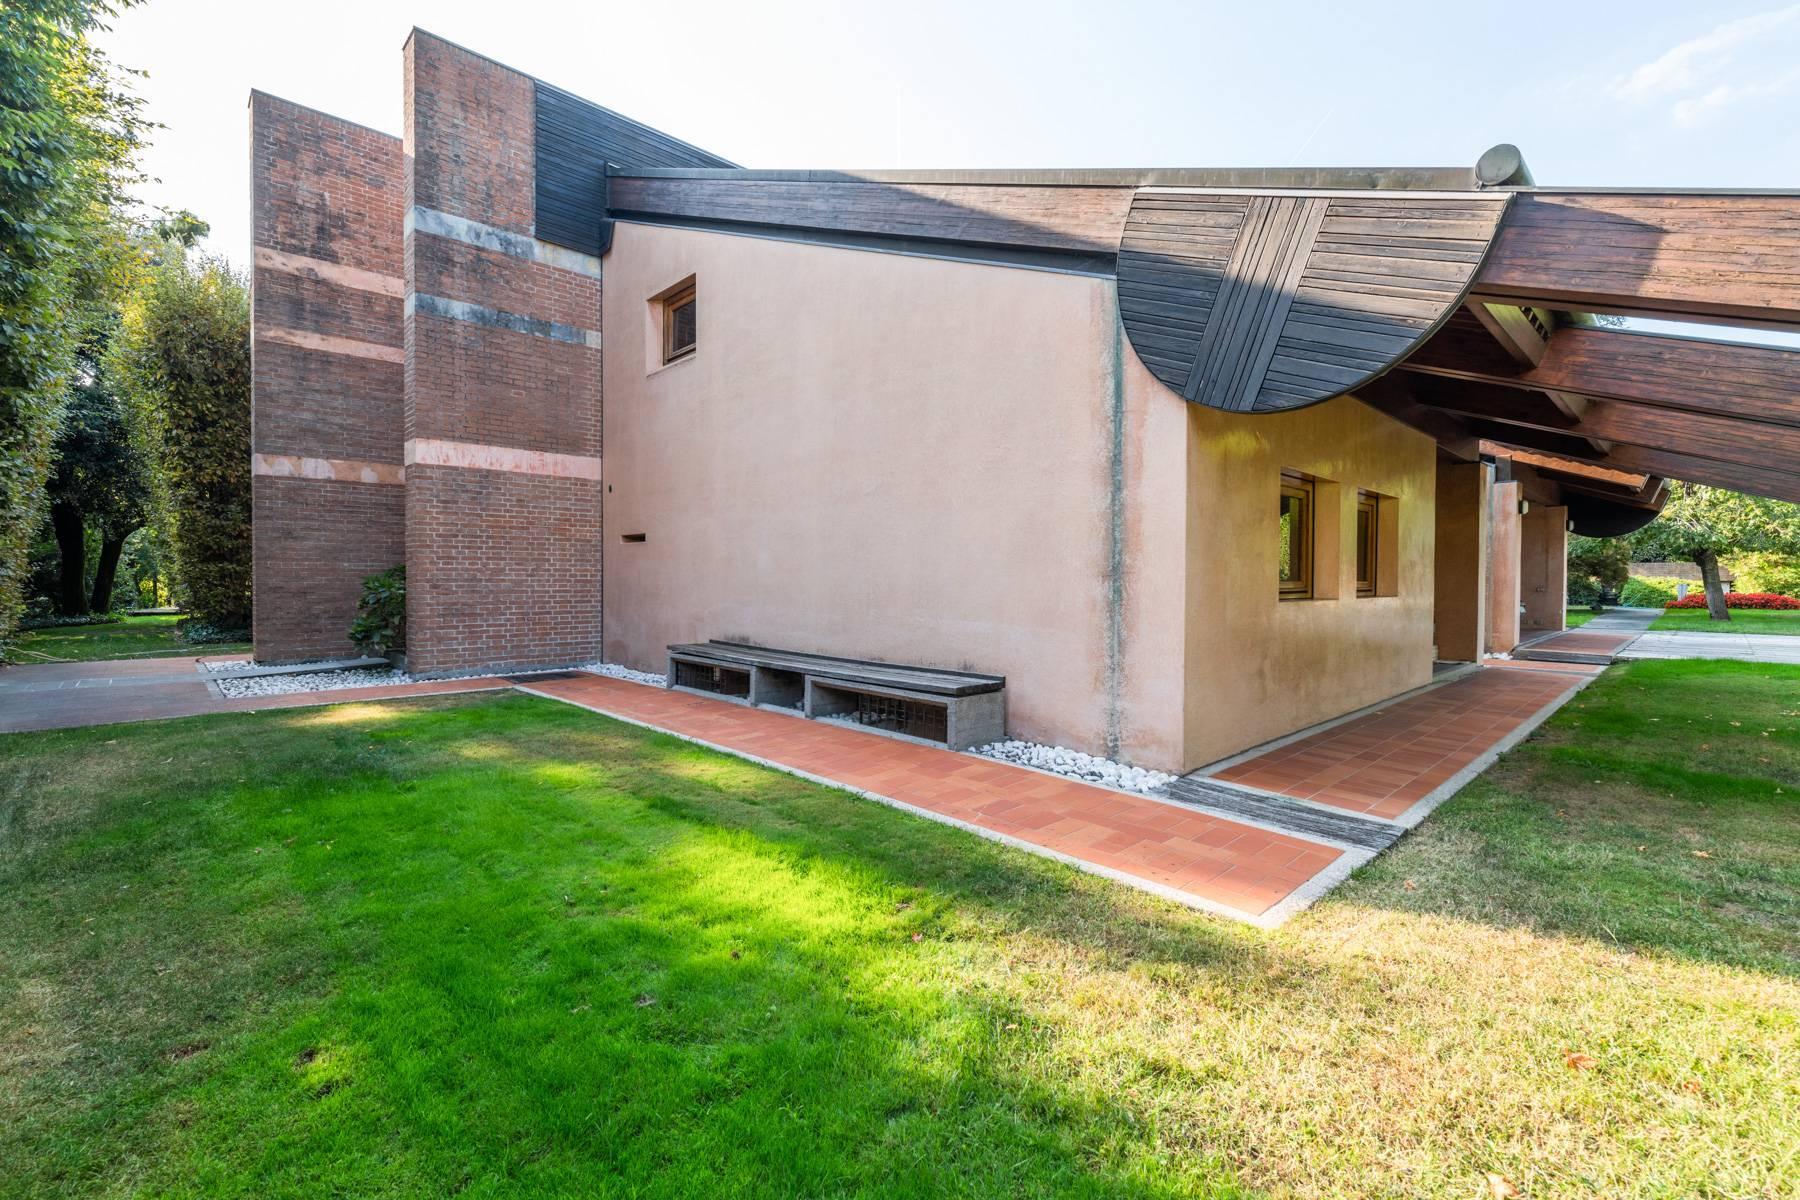 Raffinata Villa d'autore con giardino ed opere d'arte nel centro della città - 29